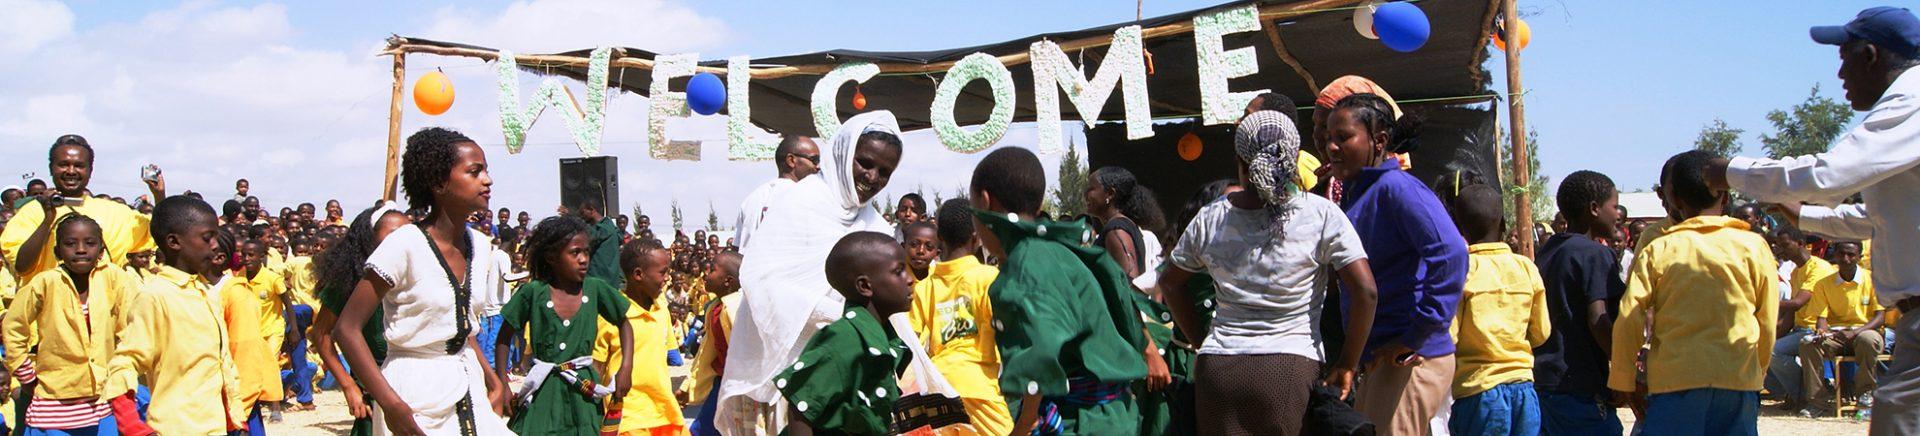 Sher Ethiopië soziale und Nachhaltigkeit